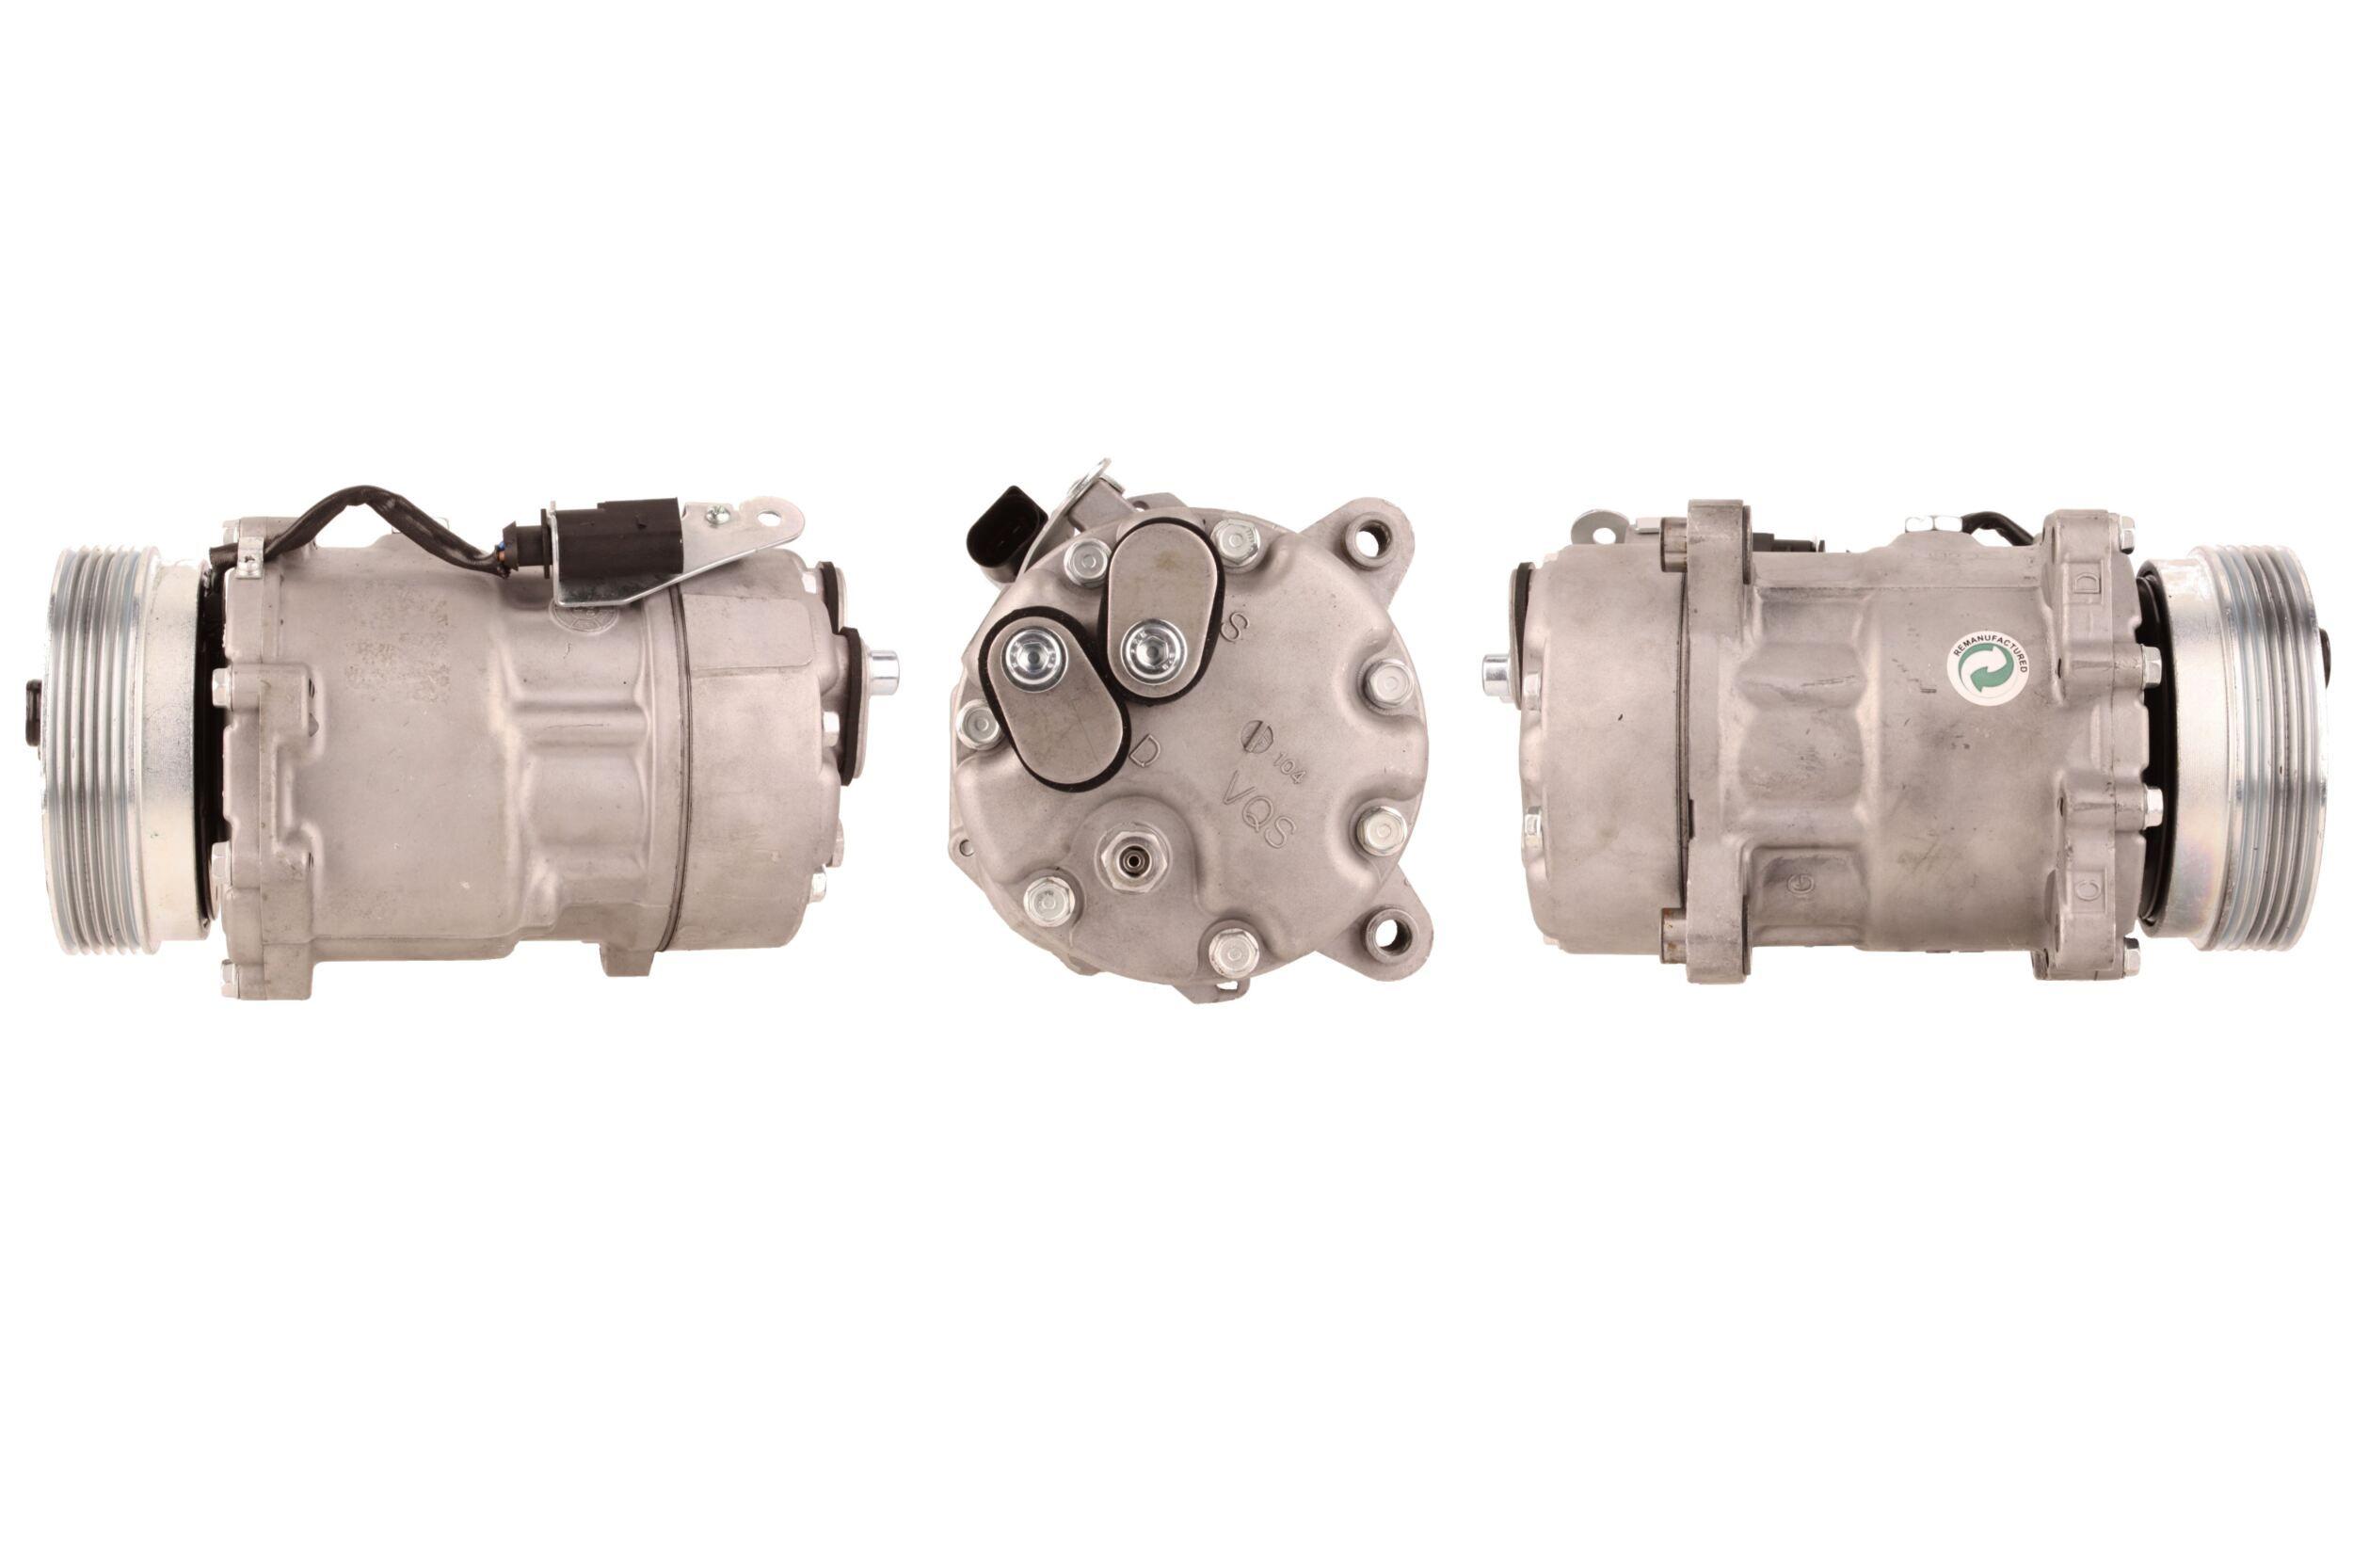 Kompressor Klimaanlage ELSTOCK 51-0008